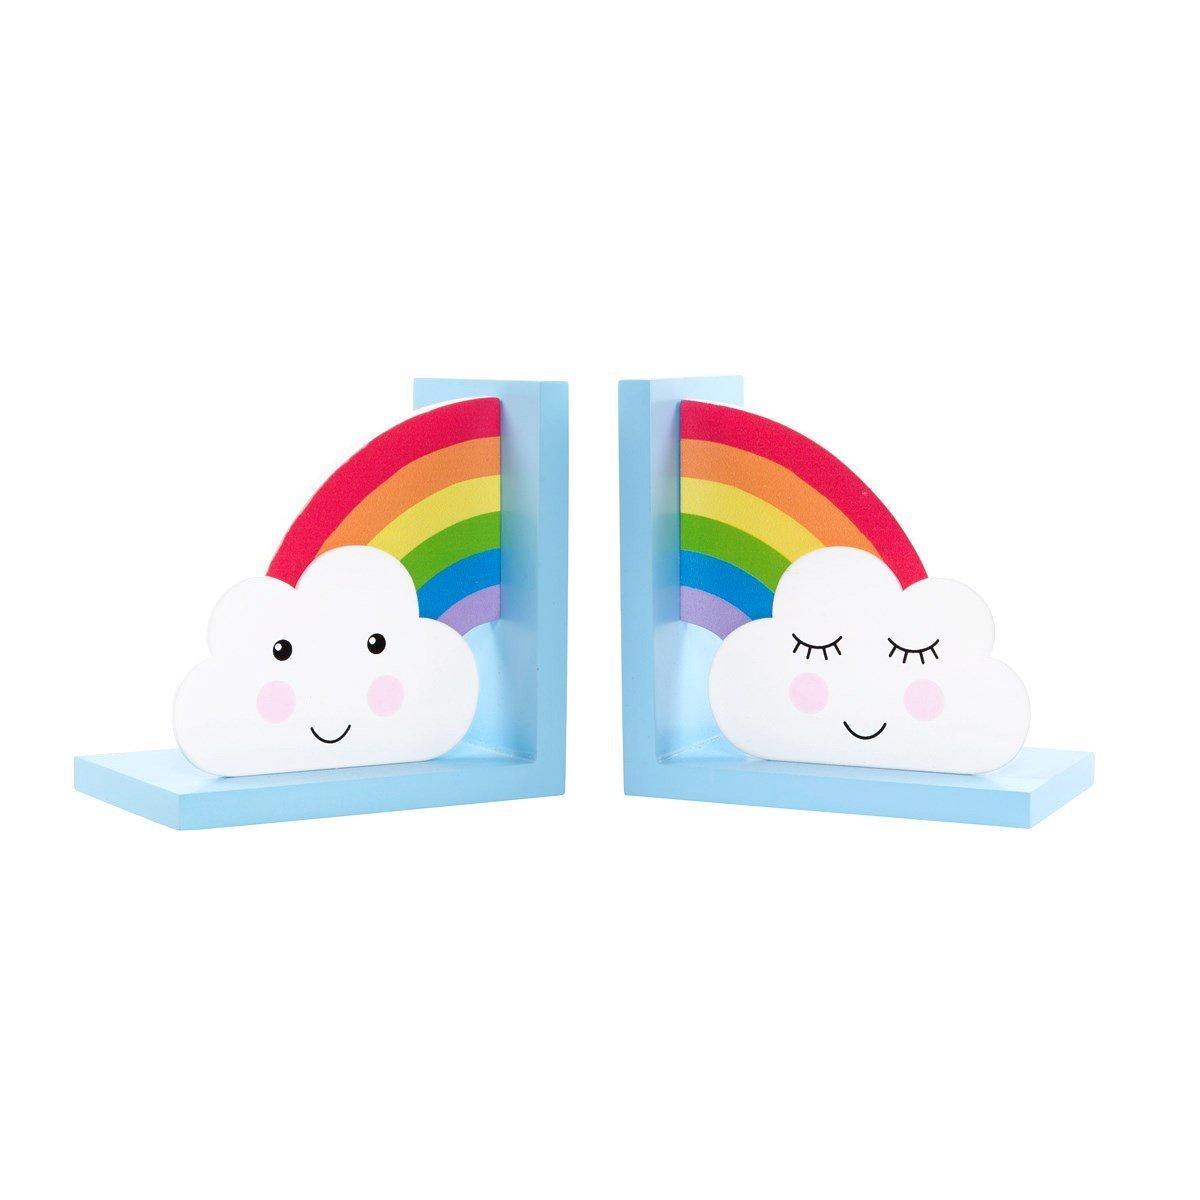 Sass /& Belle Day Dreams Buchst/ützen aus Holz 2-teiliges Set Regenbogen und Wolken-Motiv